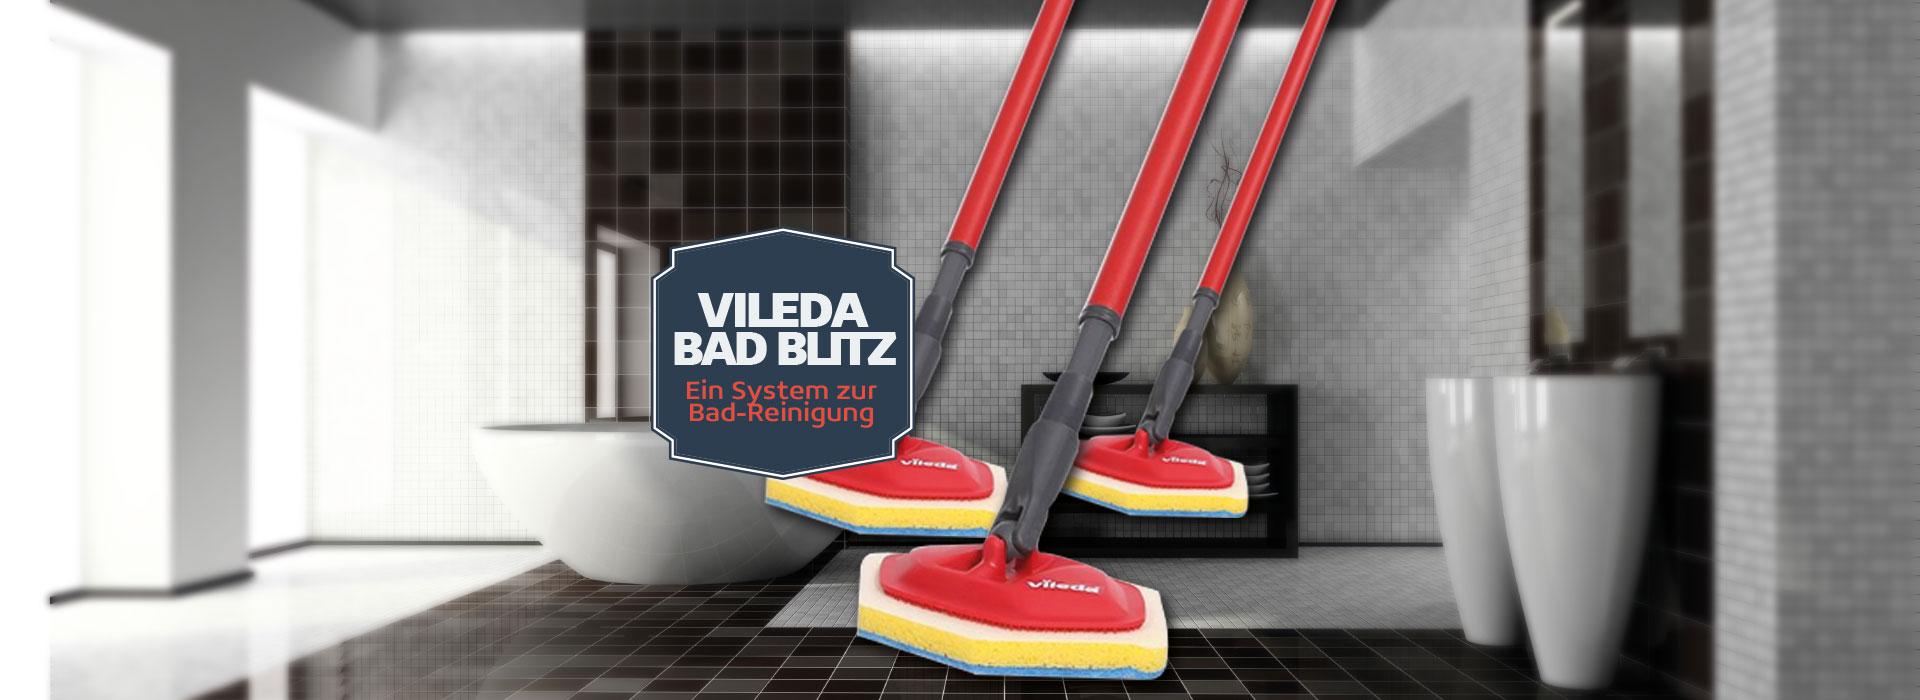 Vileda Bad Blitz System